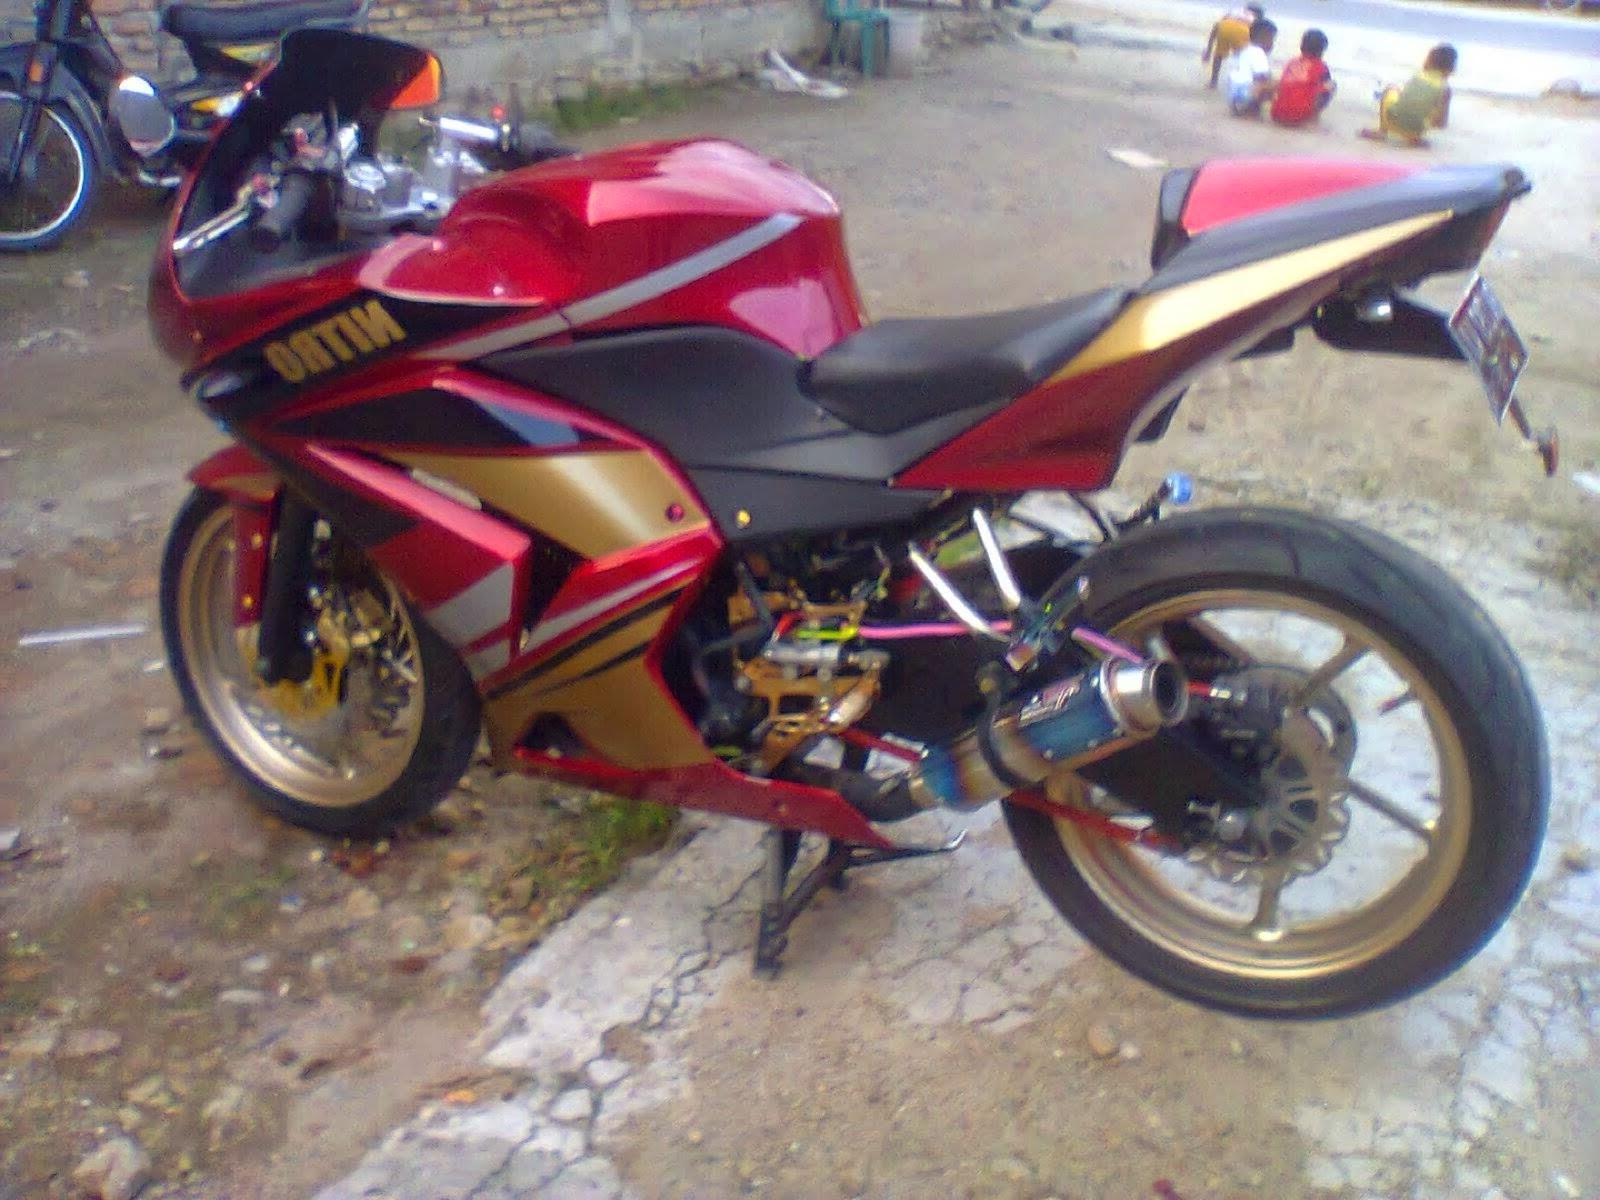 101 Foto Modifikasi Motor Cb150r Terbaru Modifikasi Motor Honda CB